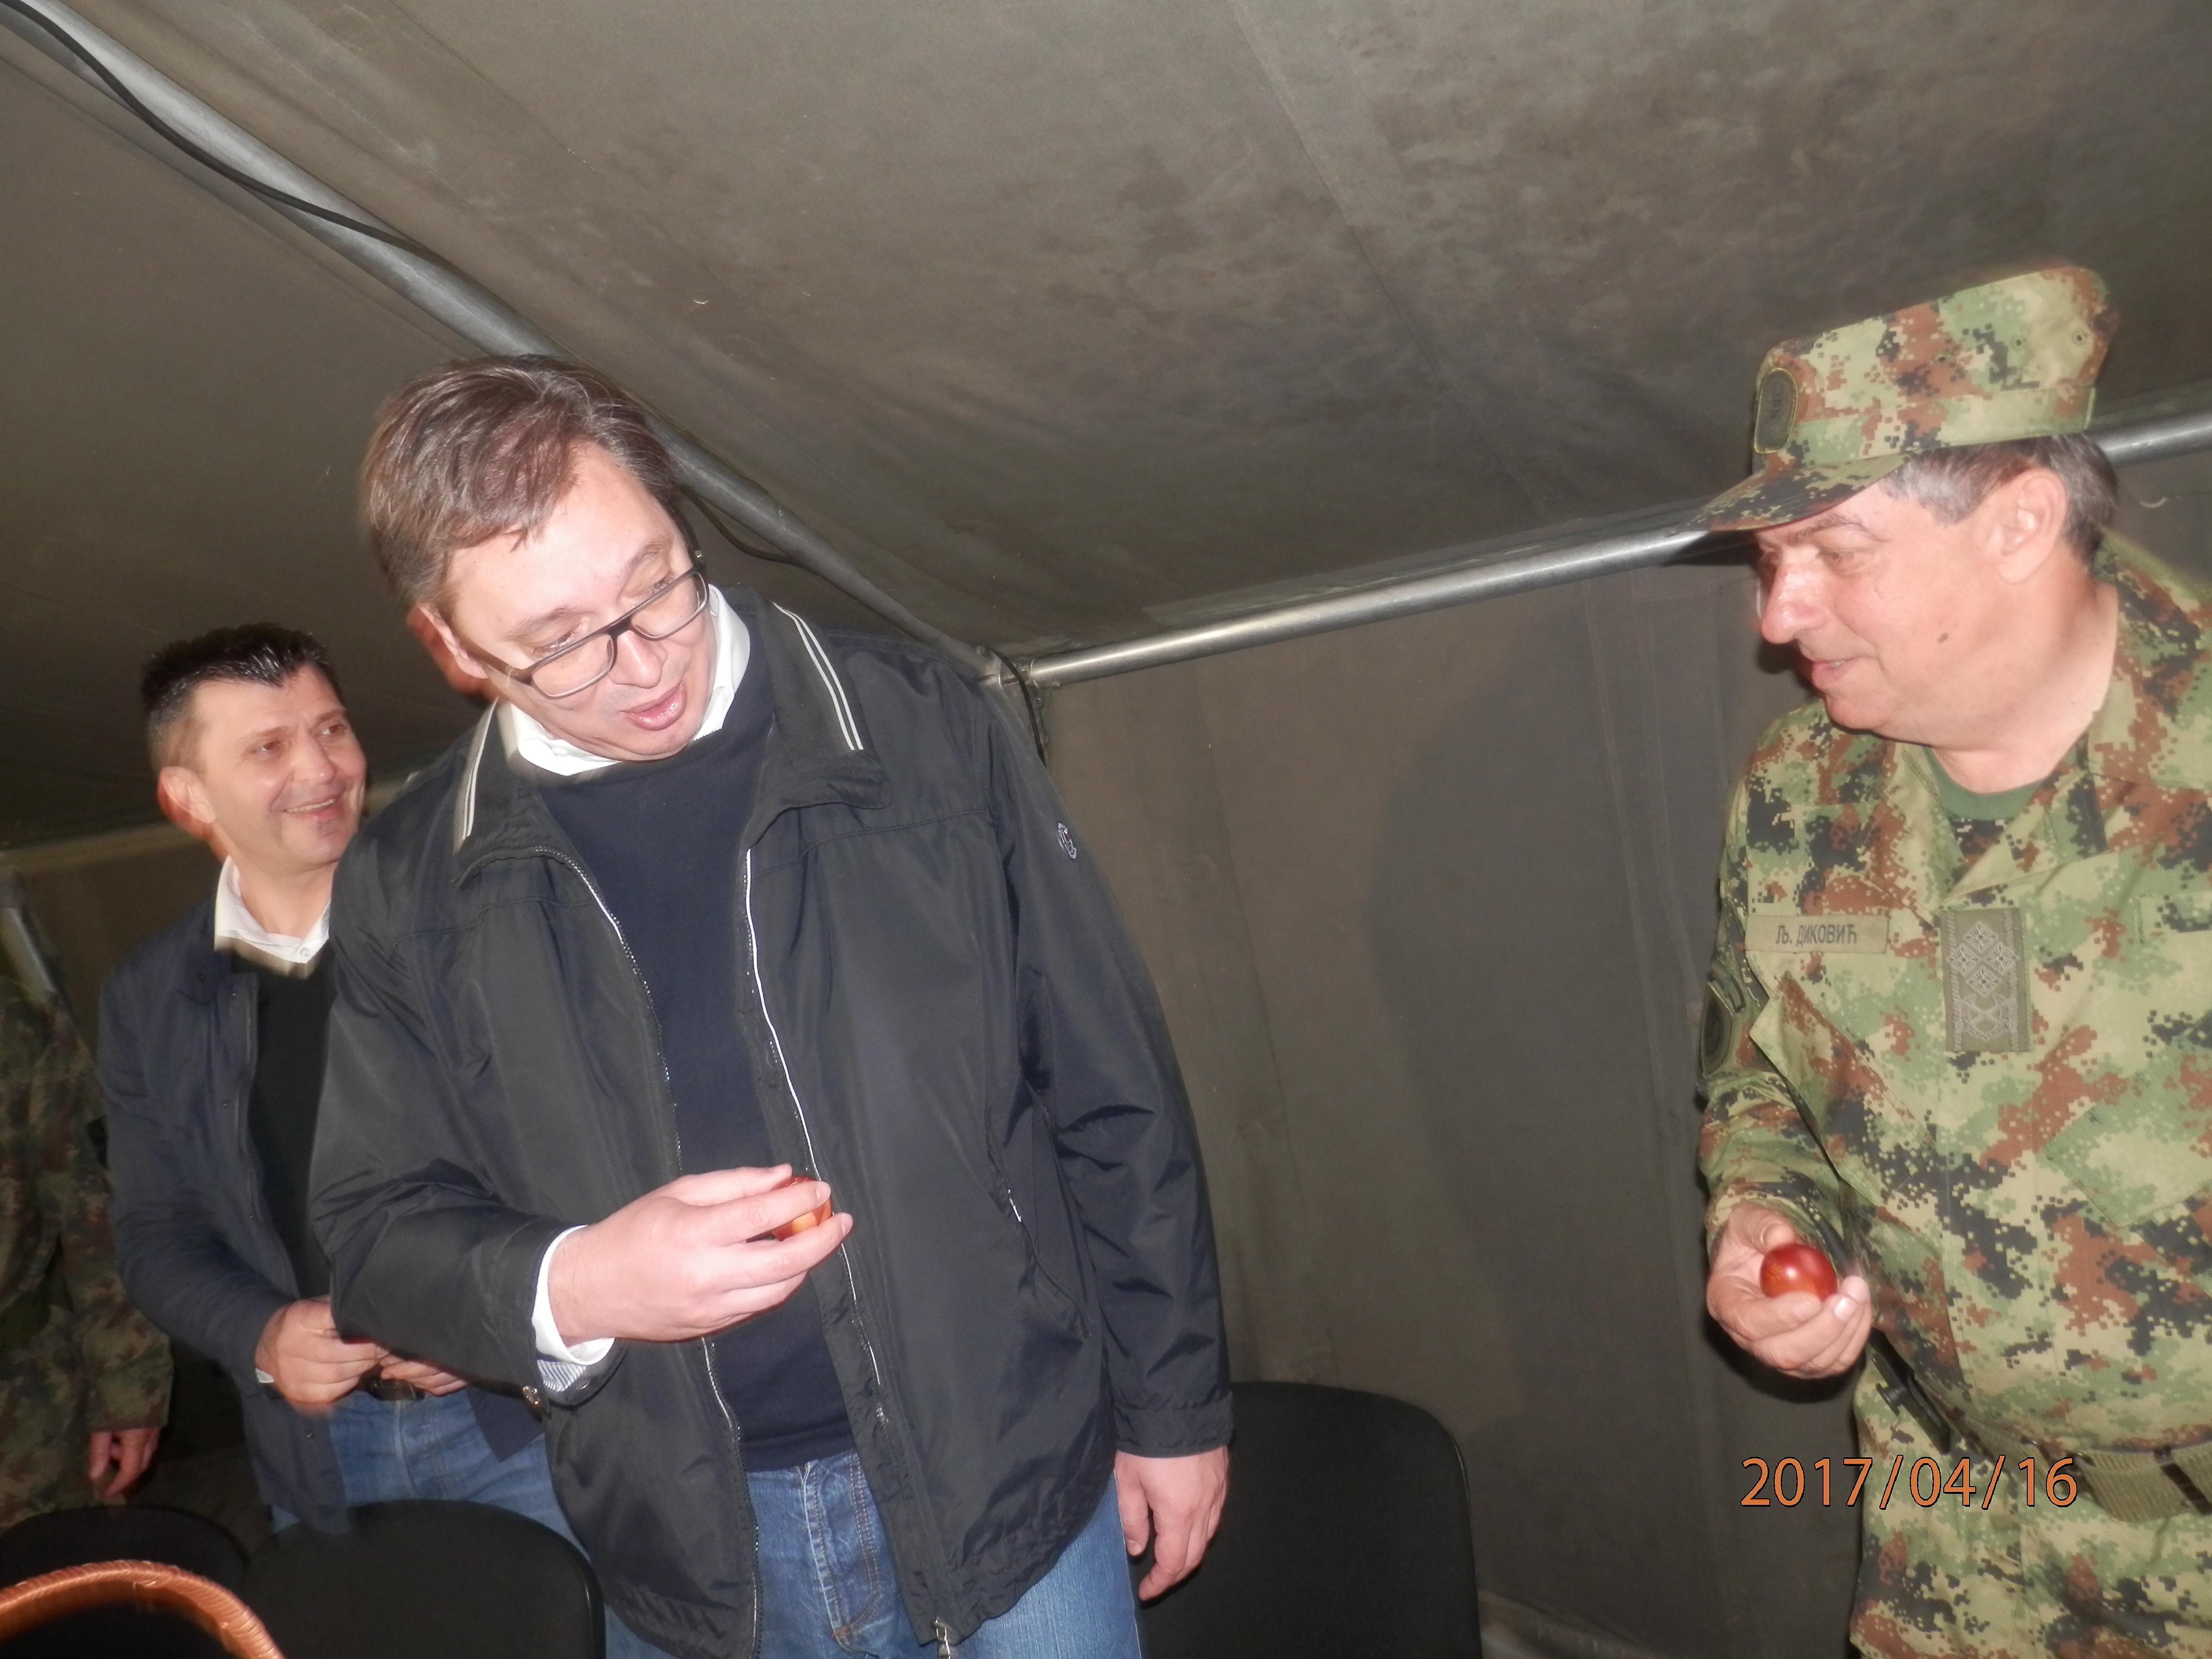 Vaskršno tucanje jaja  u Raketnoj brigadi u Jakovu: Diković slomio Vučićevo jaje!